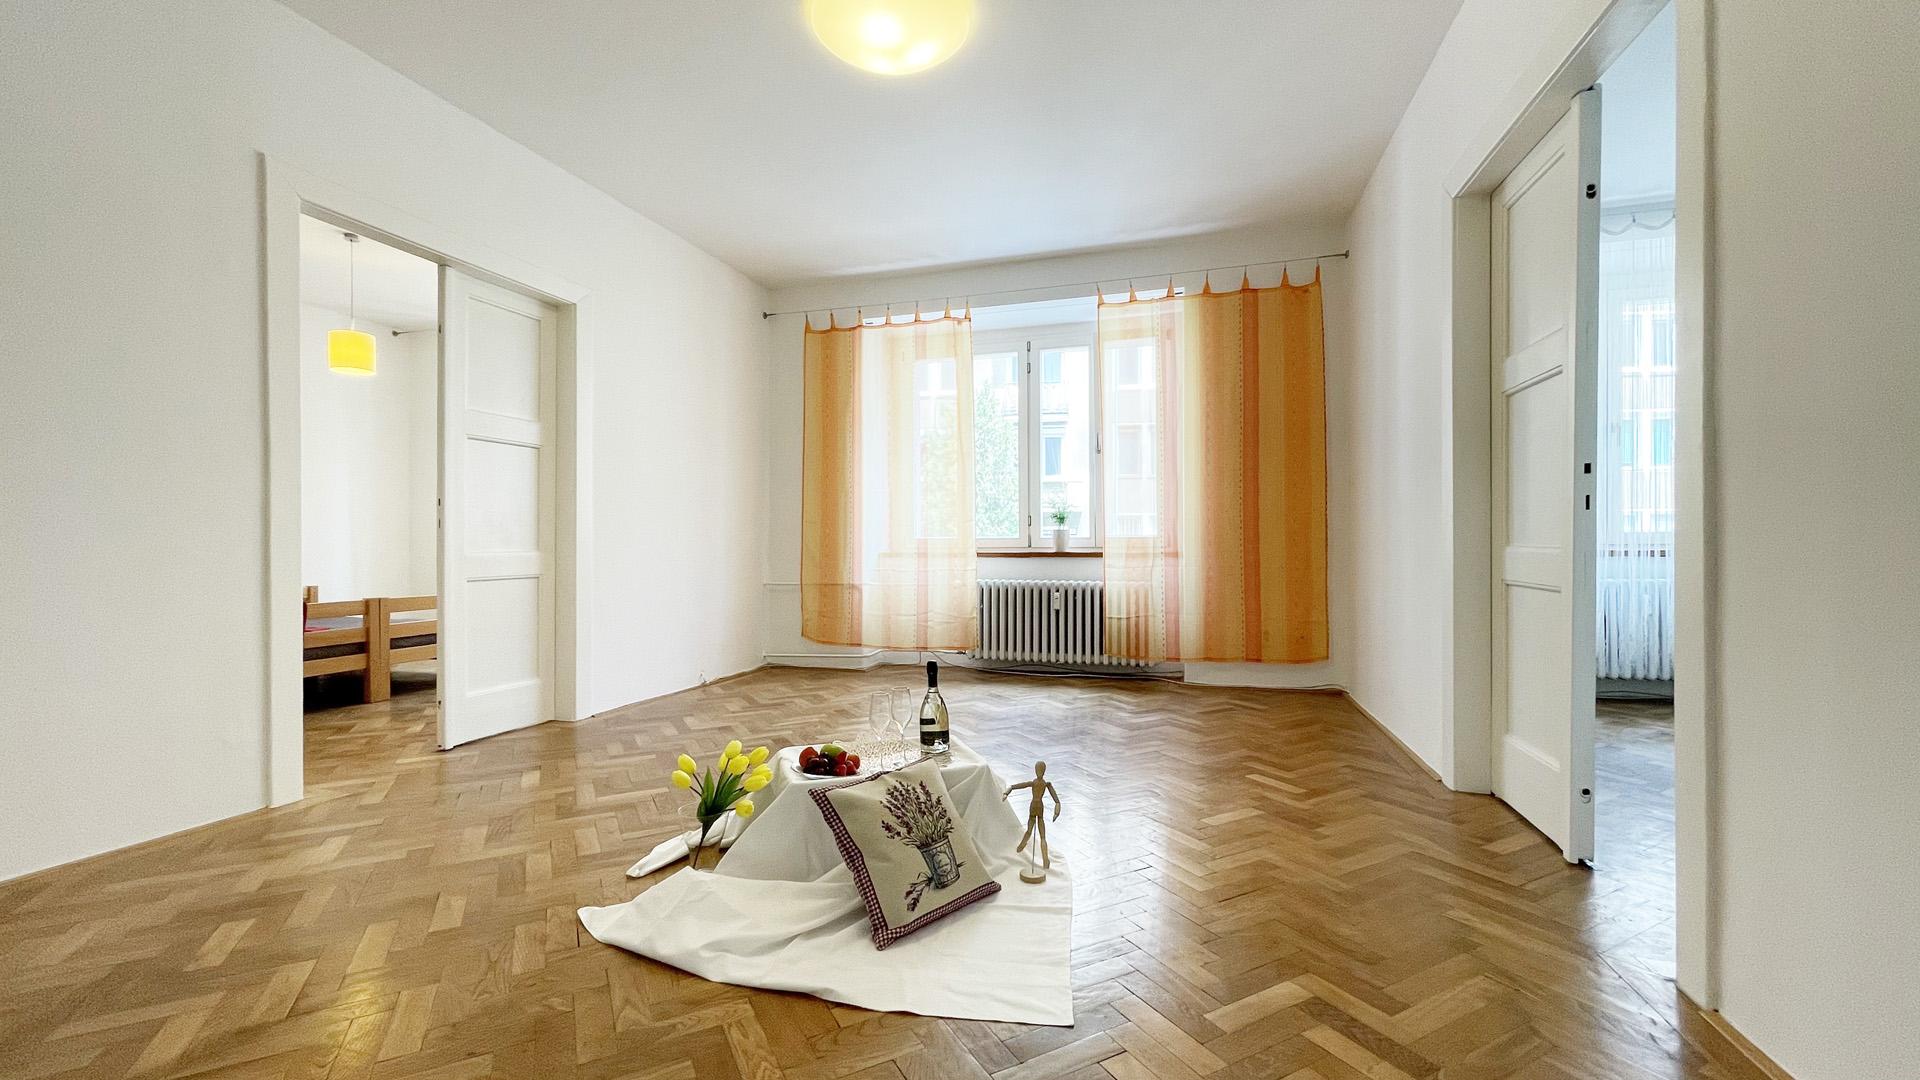 4 izbový byt na prenájom v centre, Bratislava – Staré Mesto